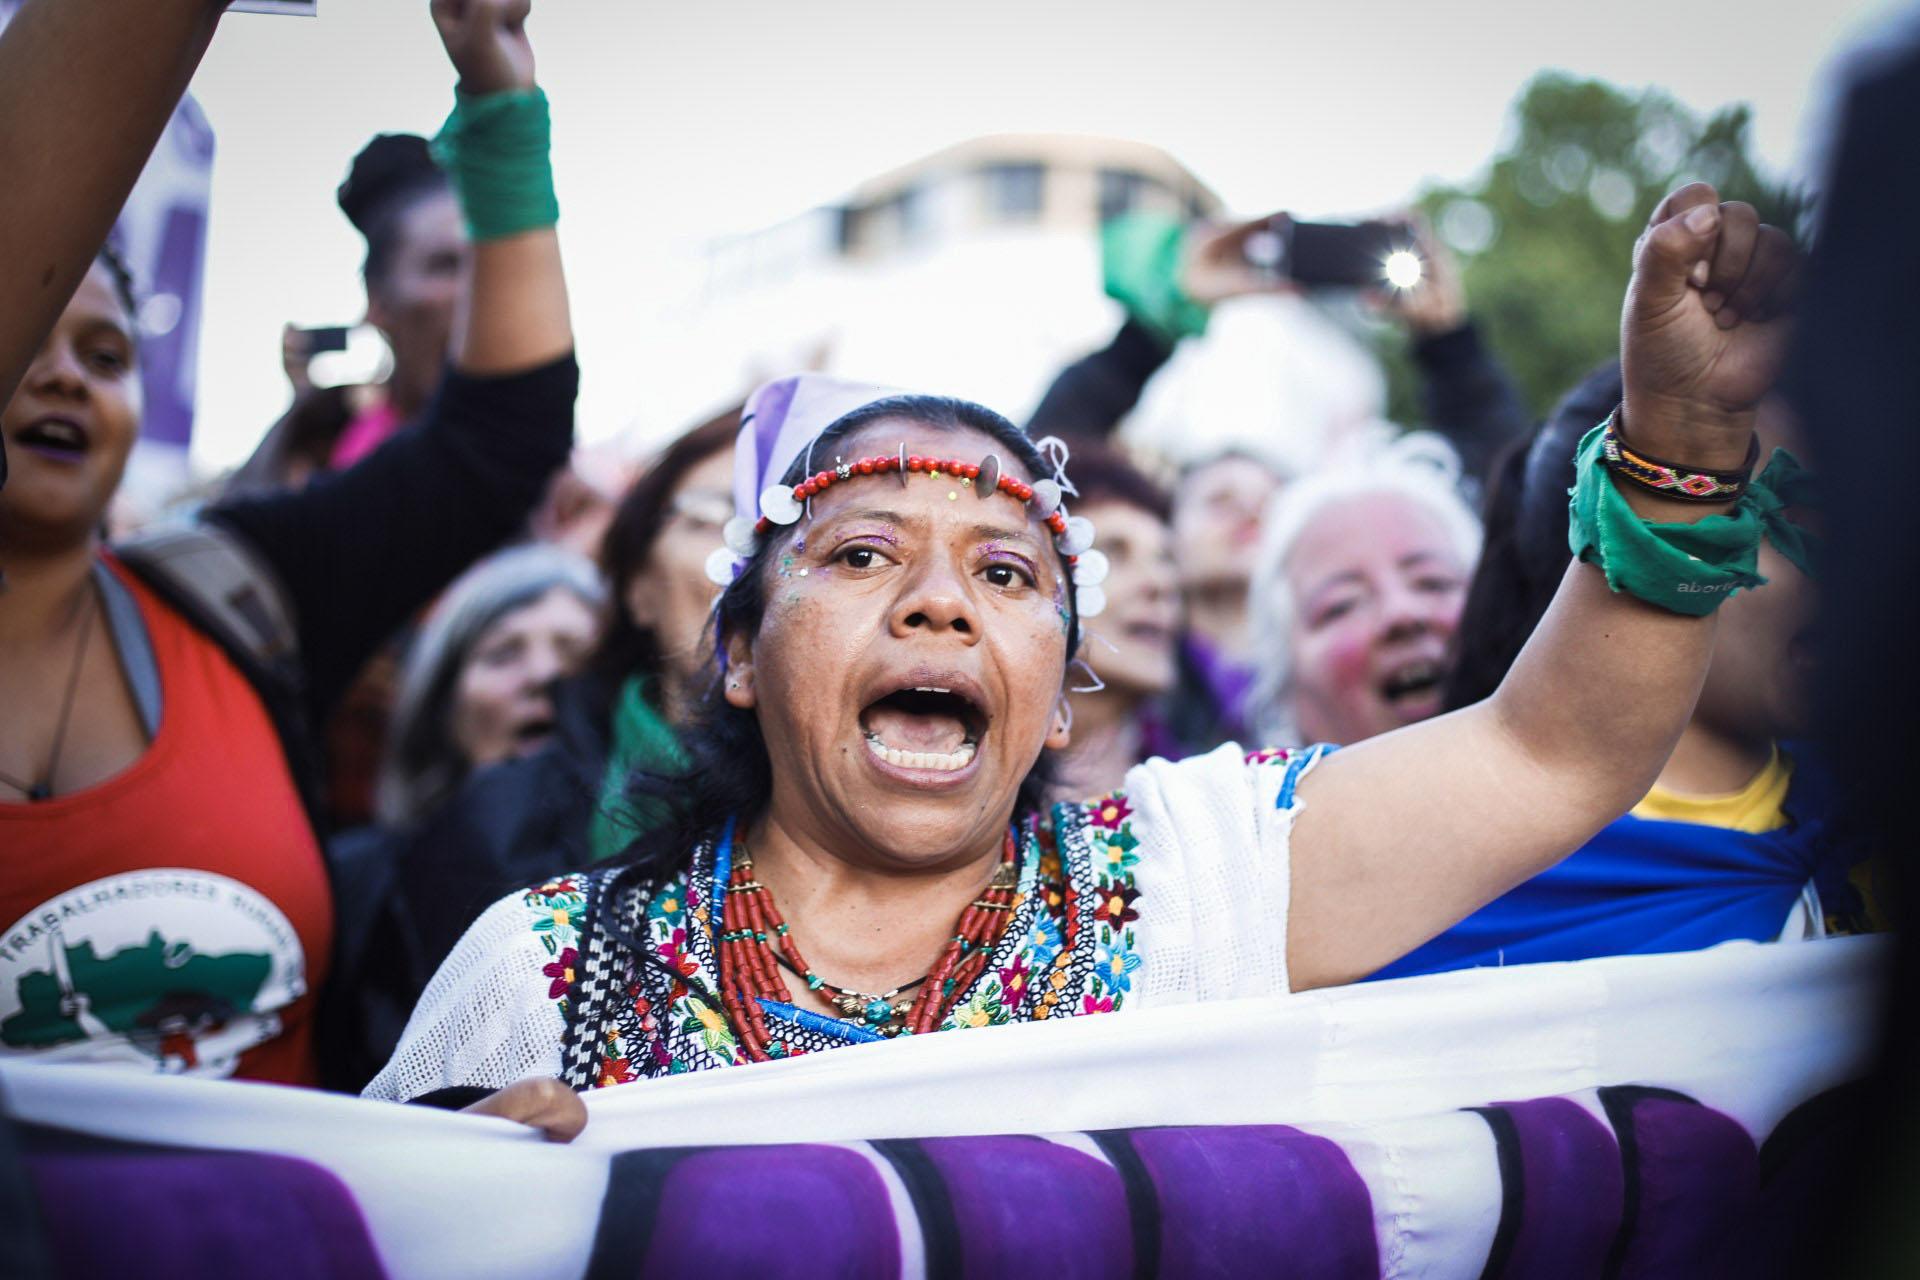 """Se debatió el cambio de nombre a """"Plurinacional"""" para incluir a las mujeres de los pueblos originarios que habitan Argentina"""